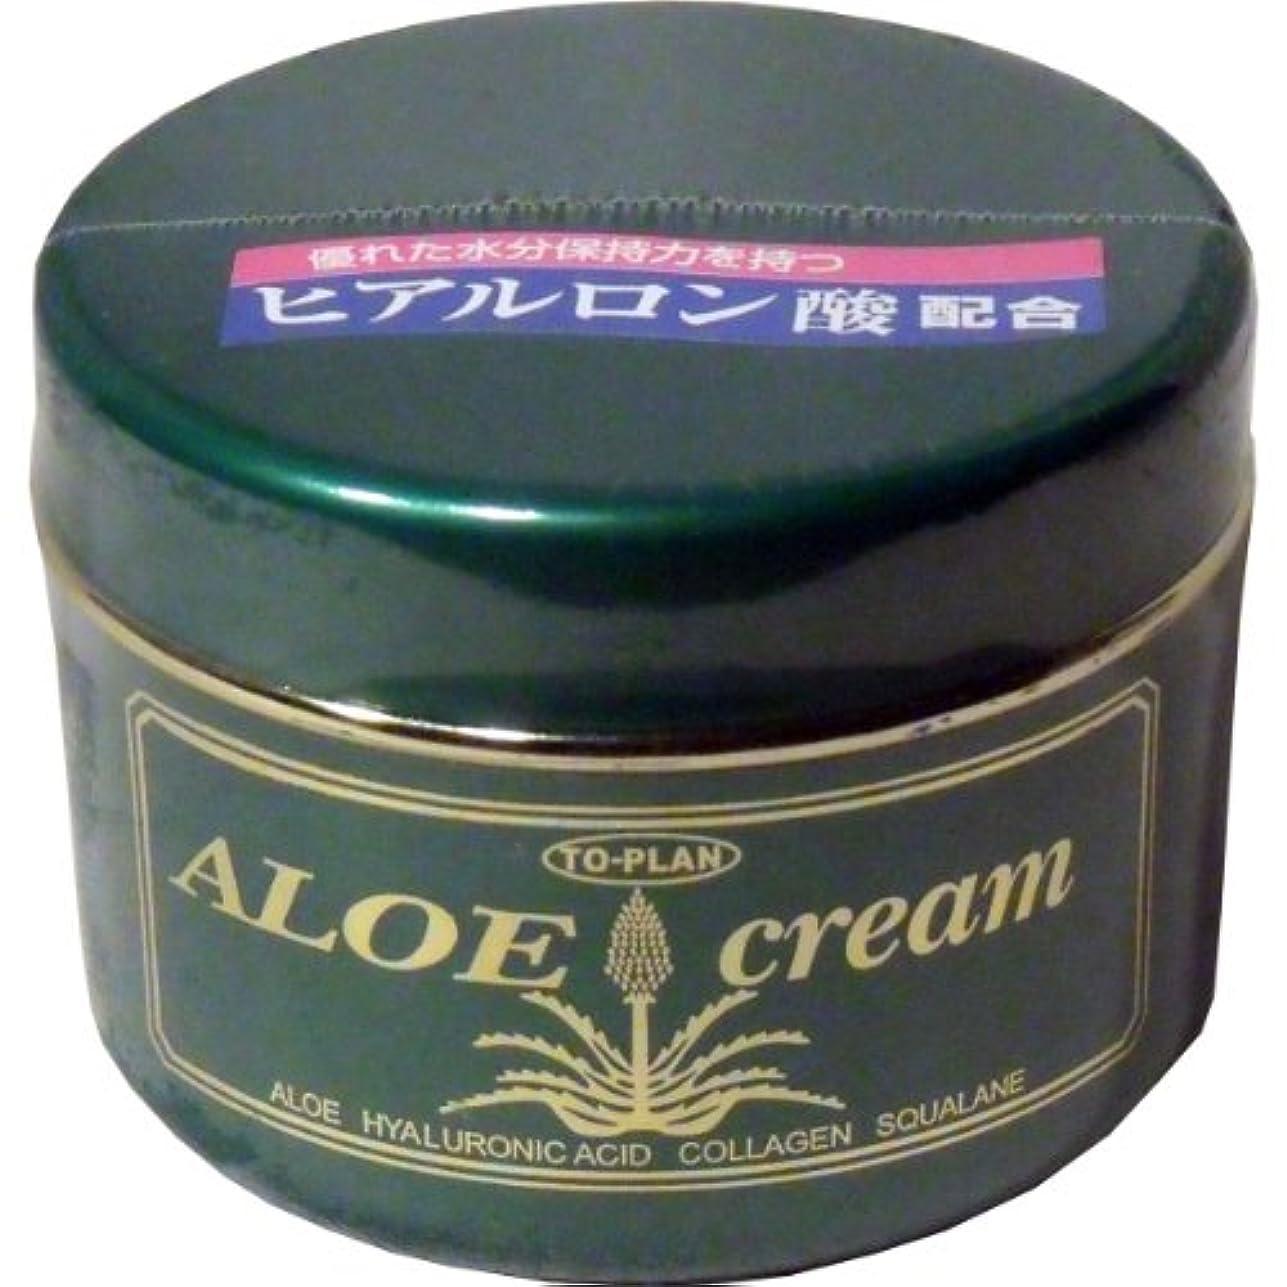 教義ウナギ呼び起こすトプラン ハーブフレッシュクリーム(アロエクリーム) ヒアルロン酸 170g